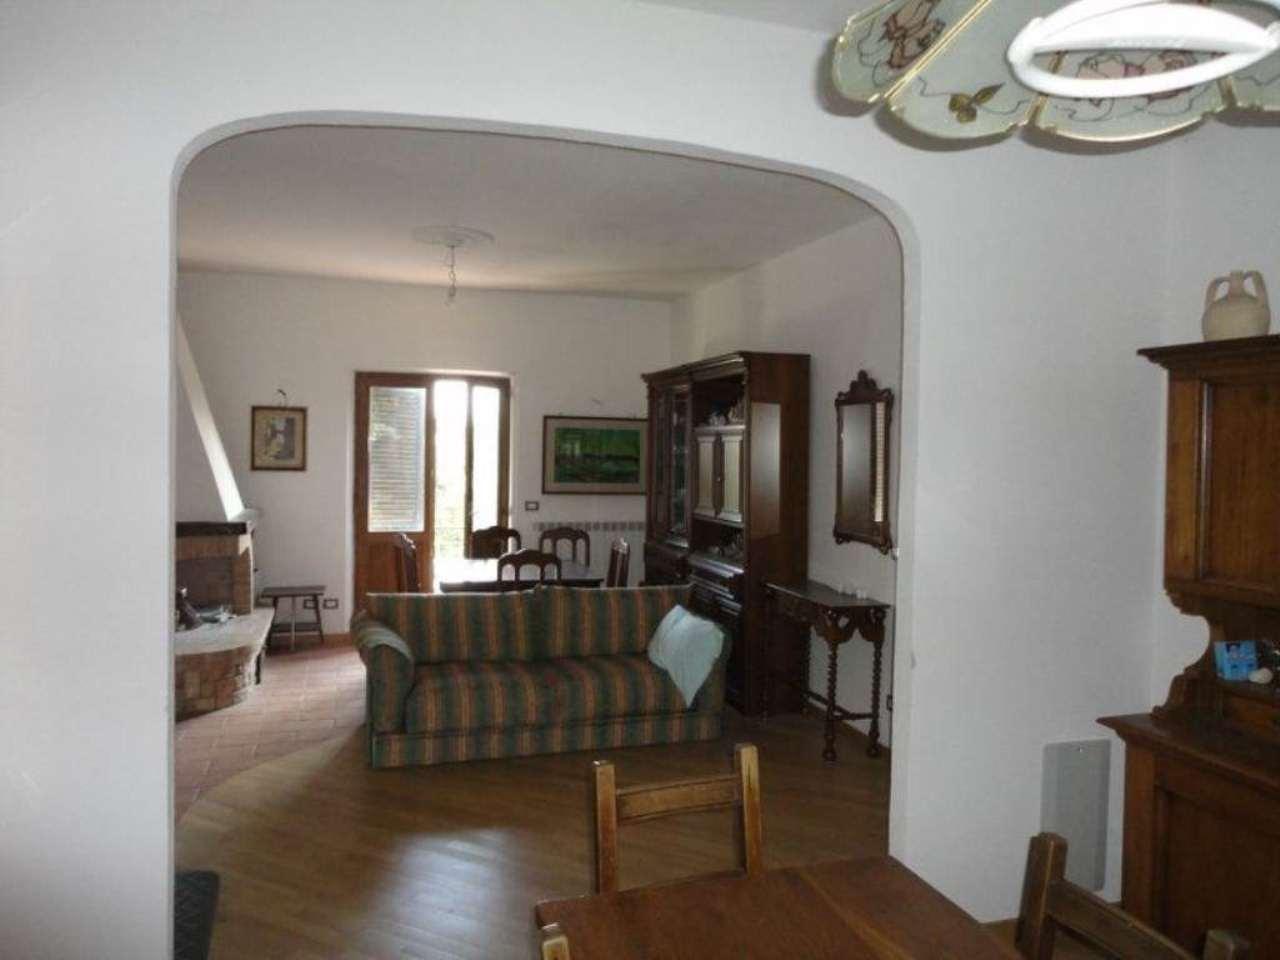 Appartamento in vendita a Castiglione d'Orcia, 5 locali, prezzo € 125.000 | Cambio Casa.it